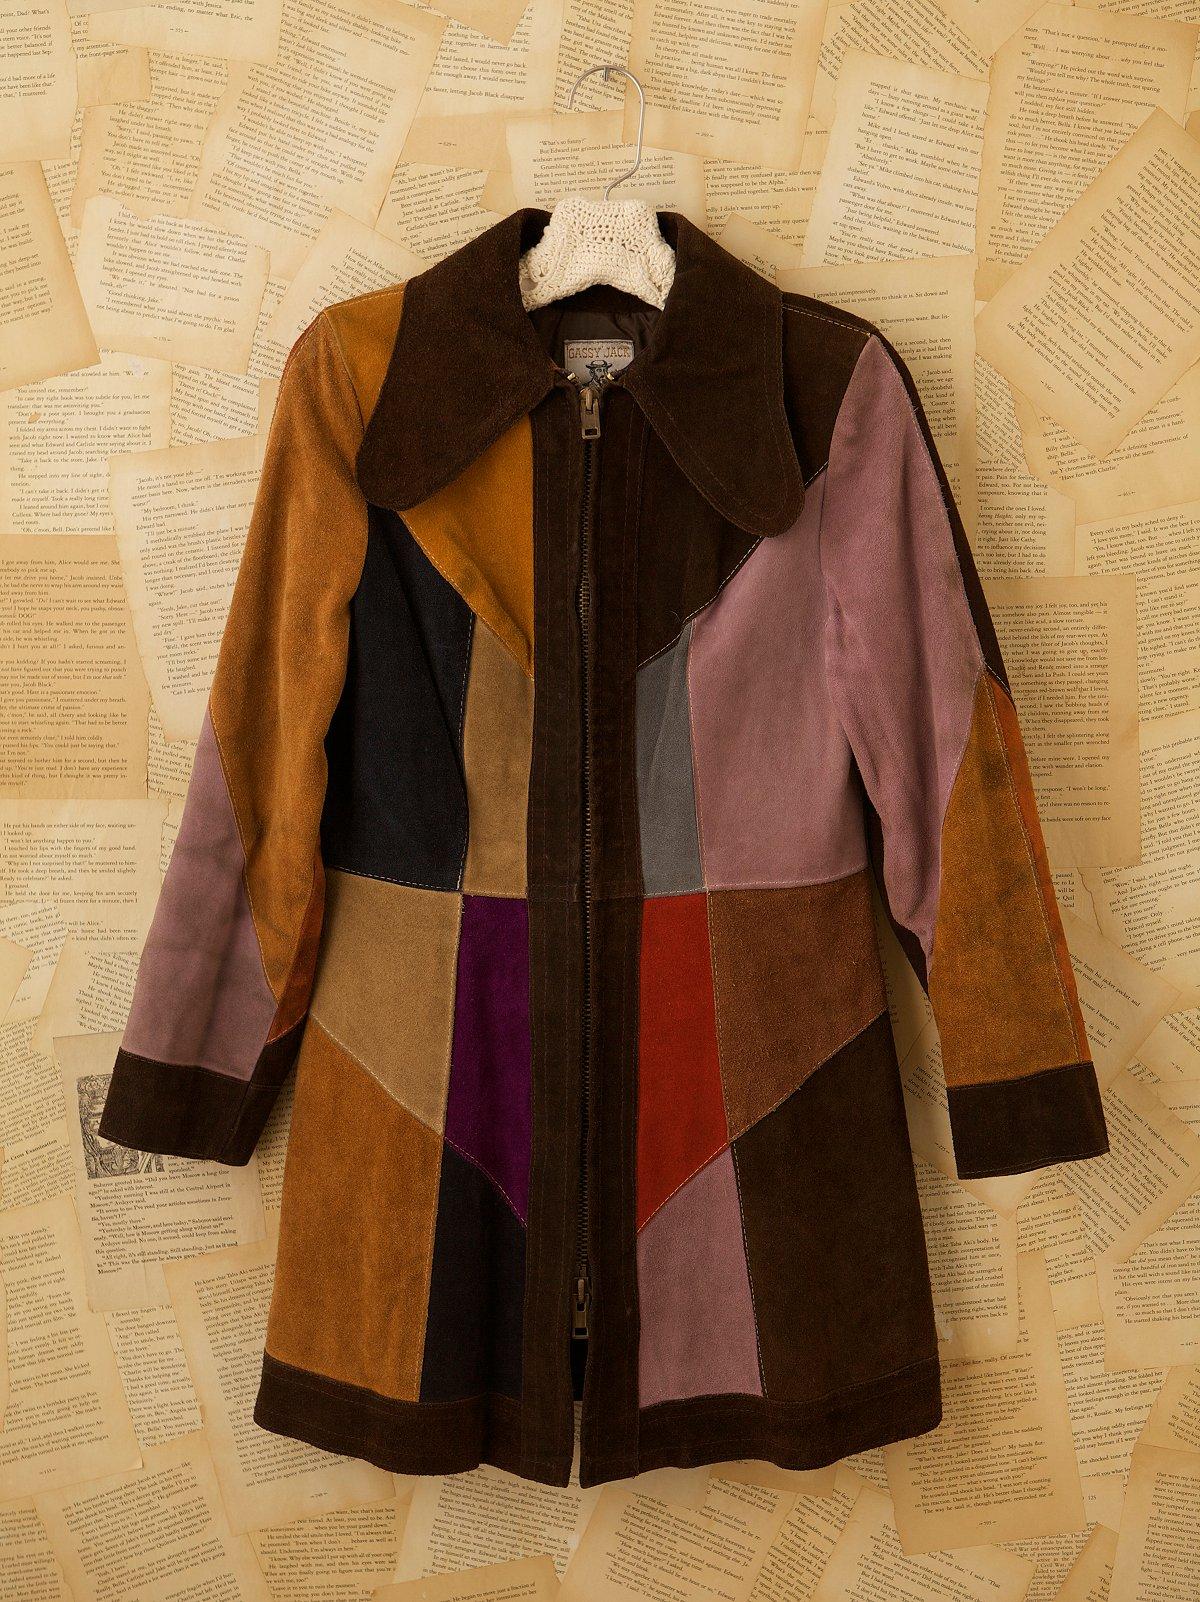 Vintage 1970s Suede Patchwork Coat